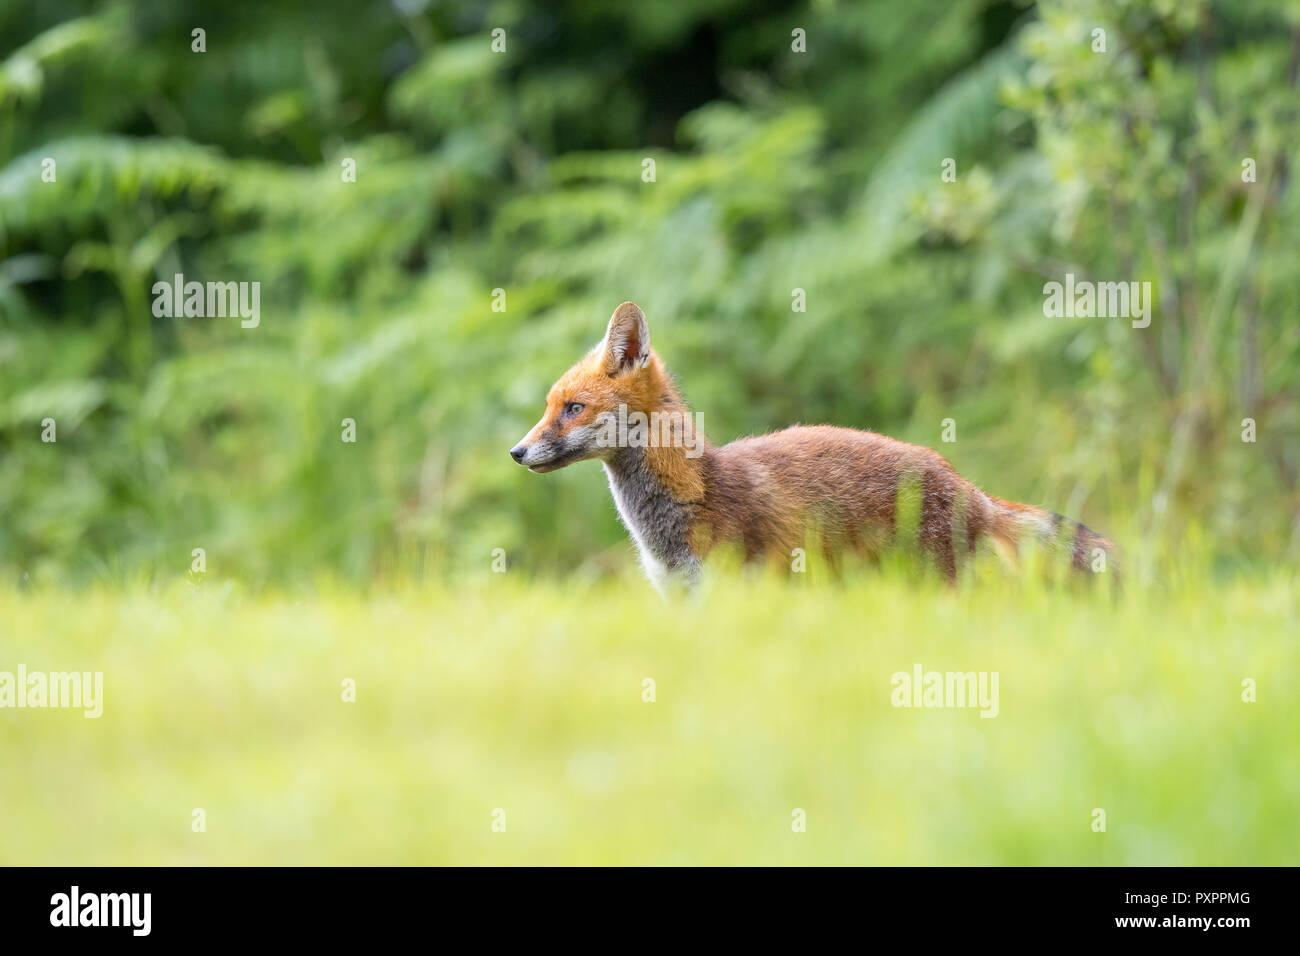 Dettagliato, close-up vista laterale di giovani inglesi Red Fox (Vulpes vulpes vulpes) nel selvaggio, in piedi da solo in erba lunga, con naturale bosco del Regno Unito lo sfondo. Foto Stock